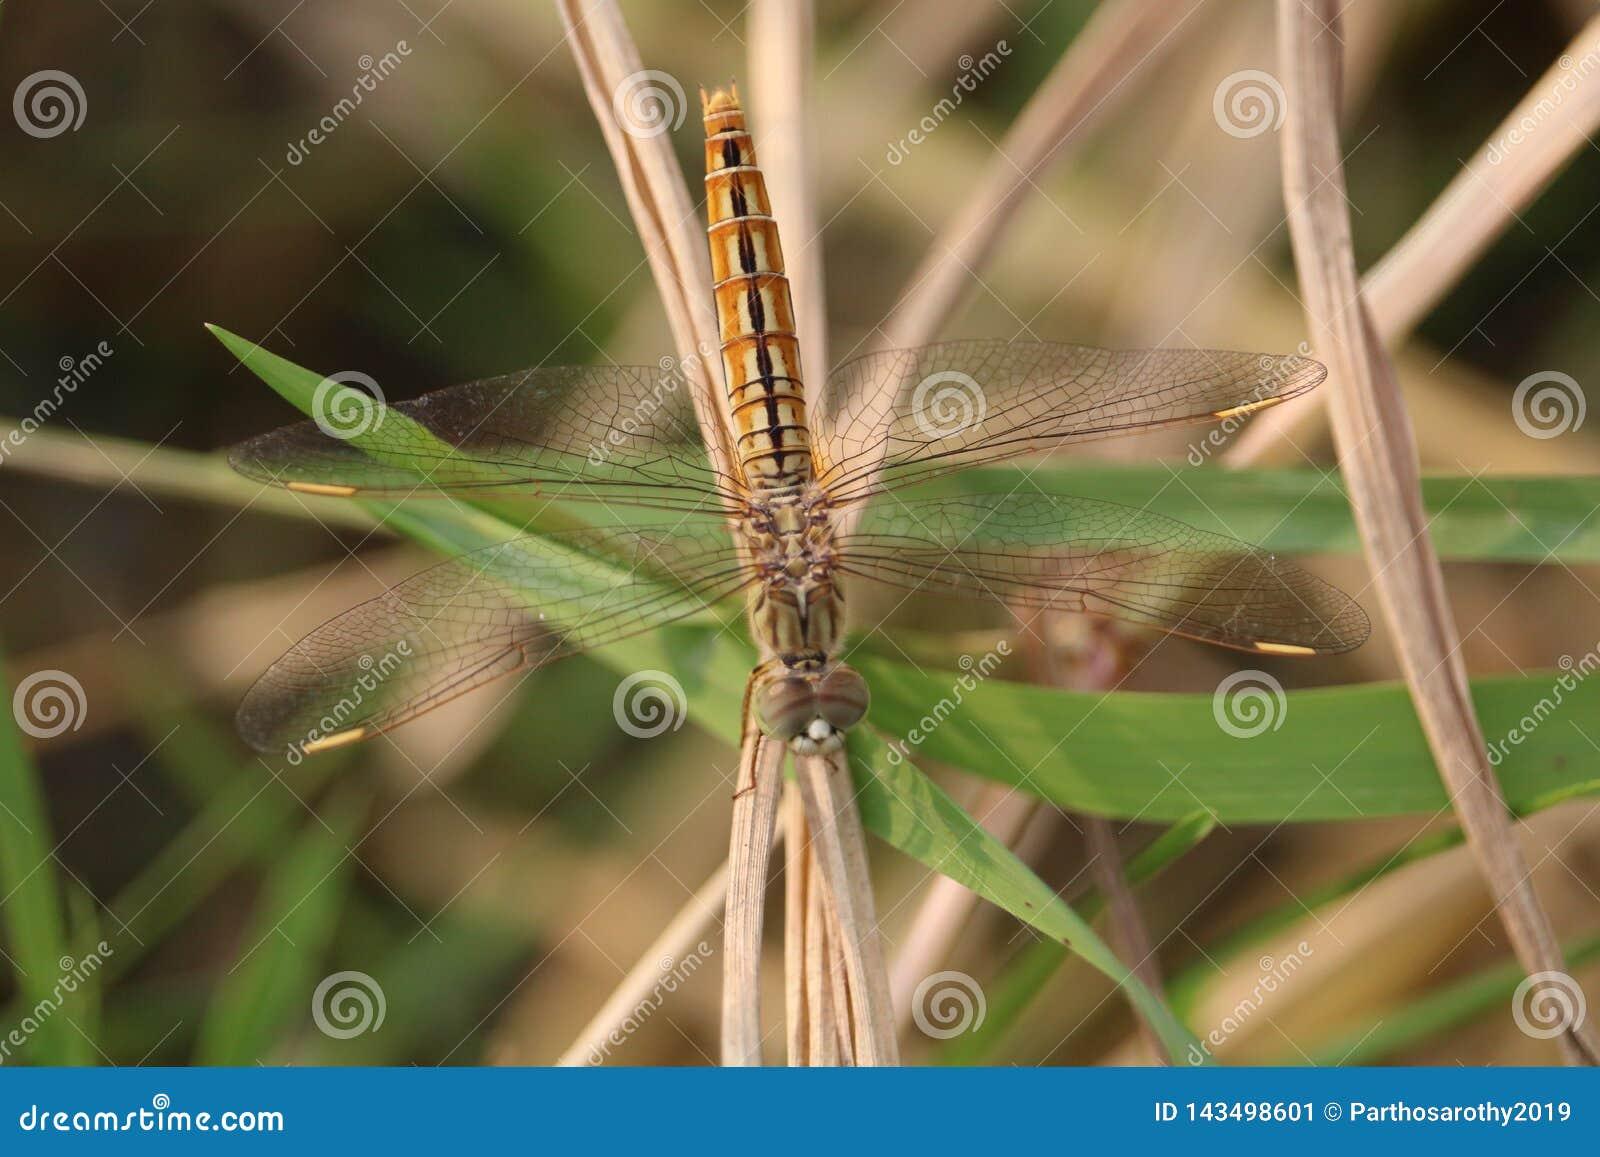 Una mariposa en la hoja de la hierba